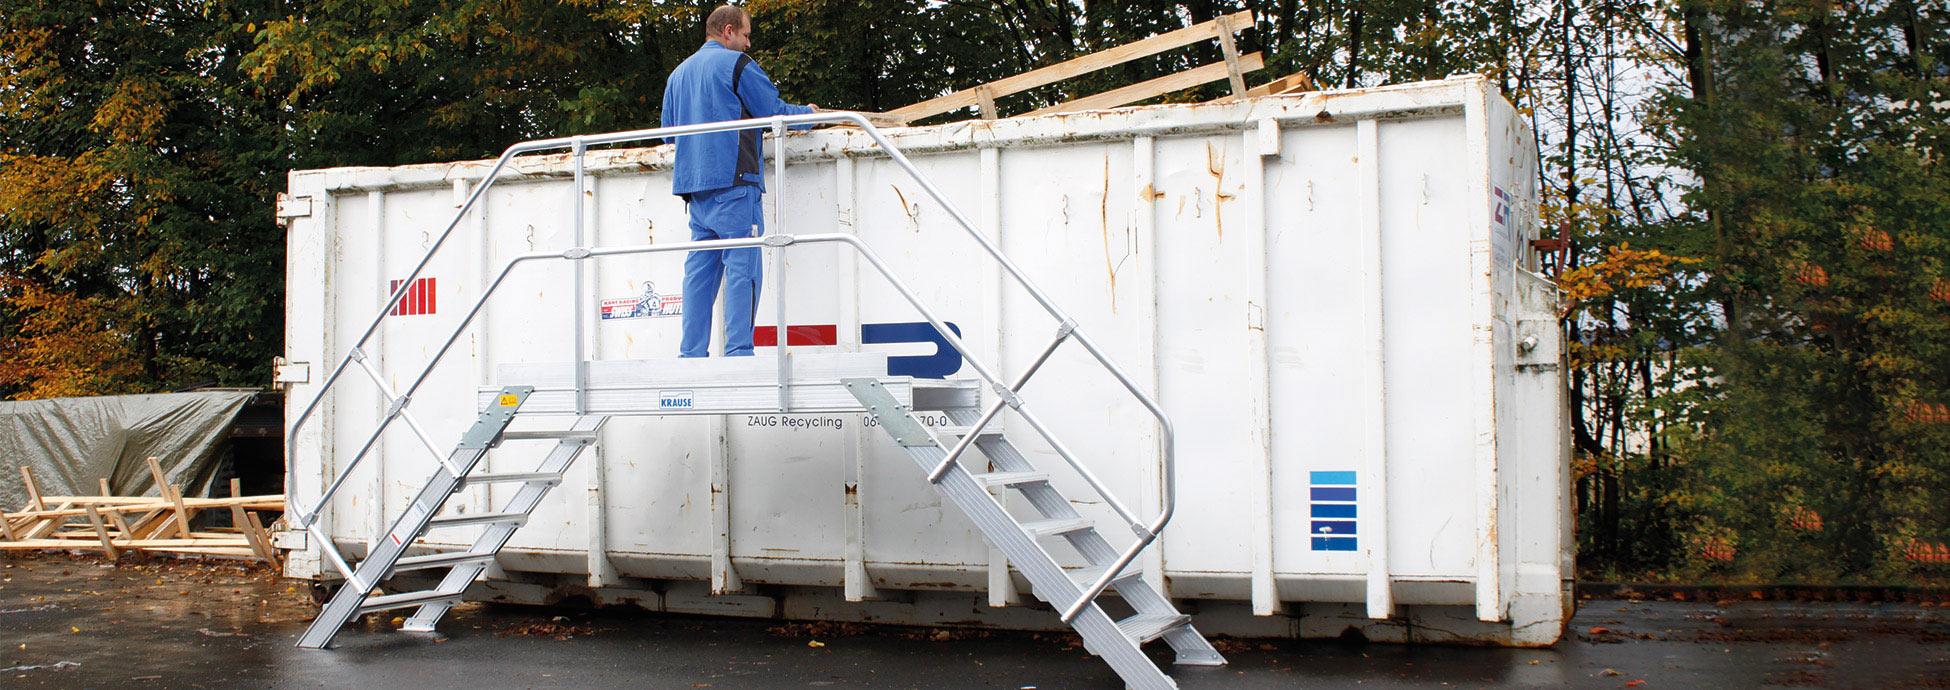 Sonderlösungen, Montagetritte und Podestleitern aus Aluminium zur Abfallentsorgung und Müllentsorgung